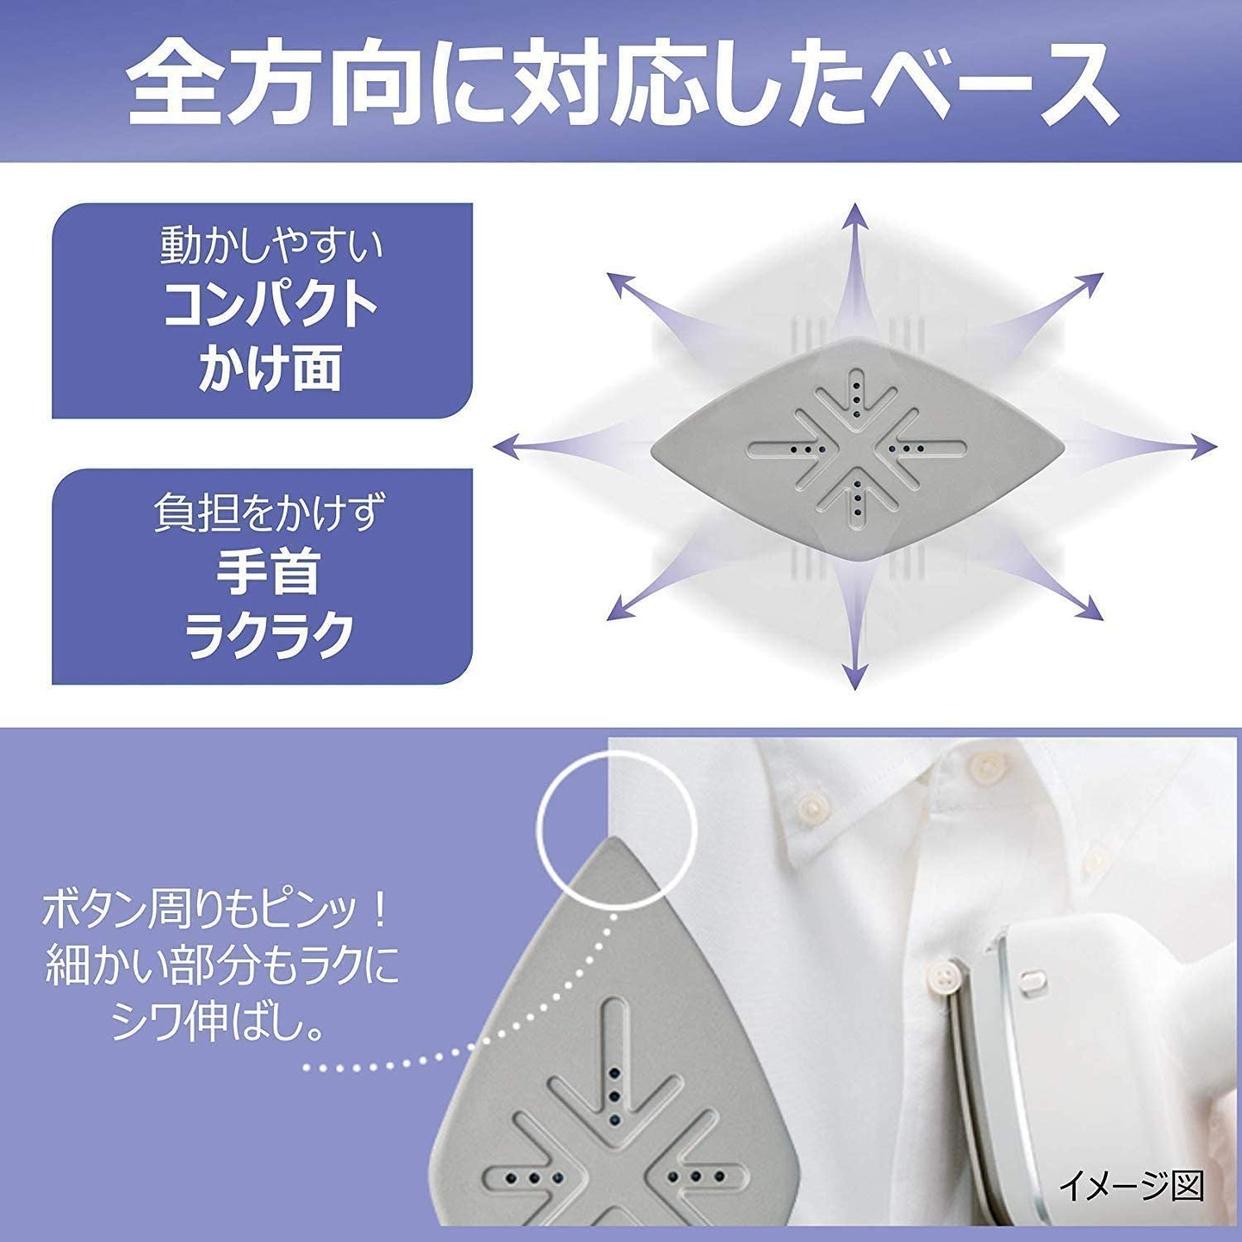 日立(HITACHI) 衣類スチーマー CSI-RX2の商品画像10